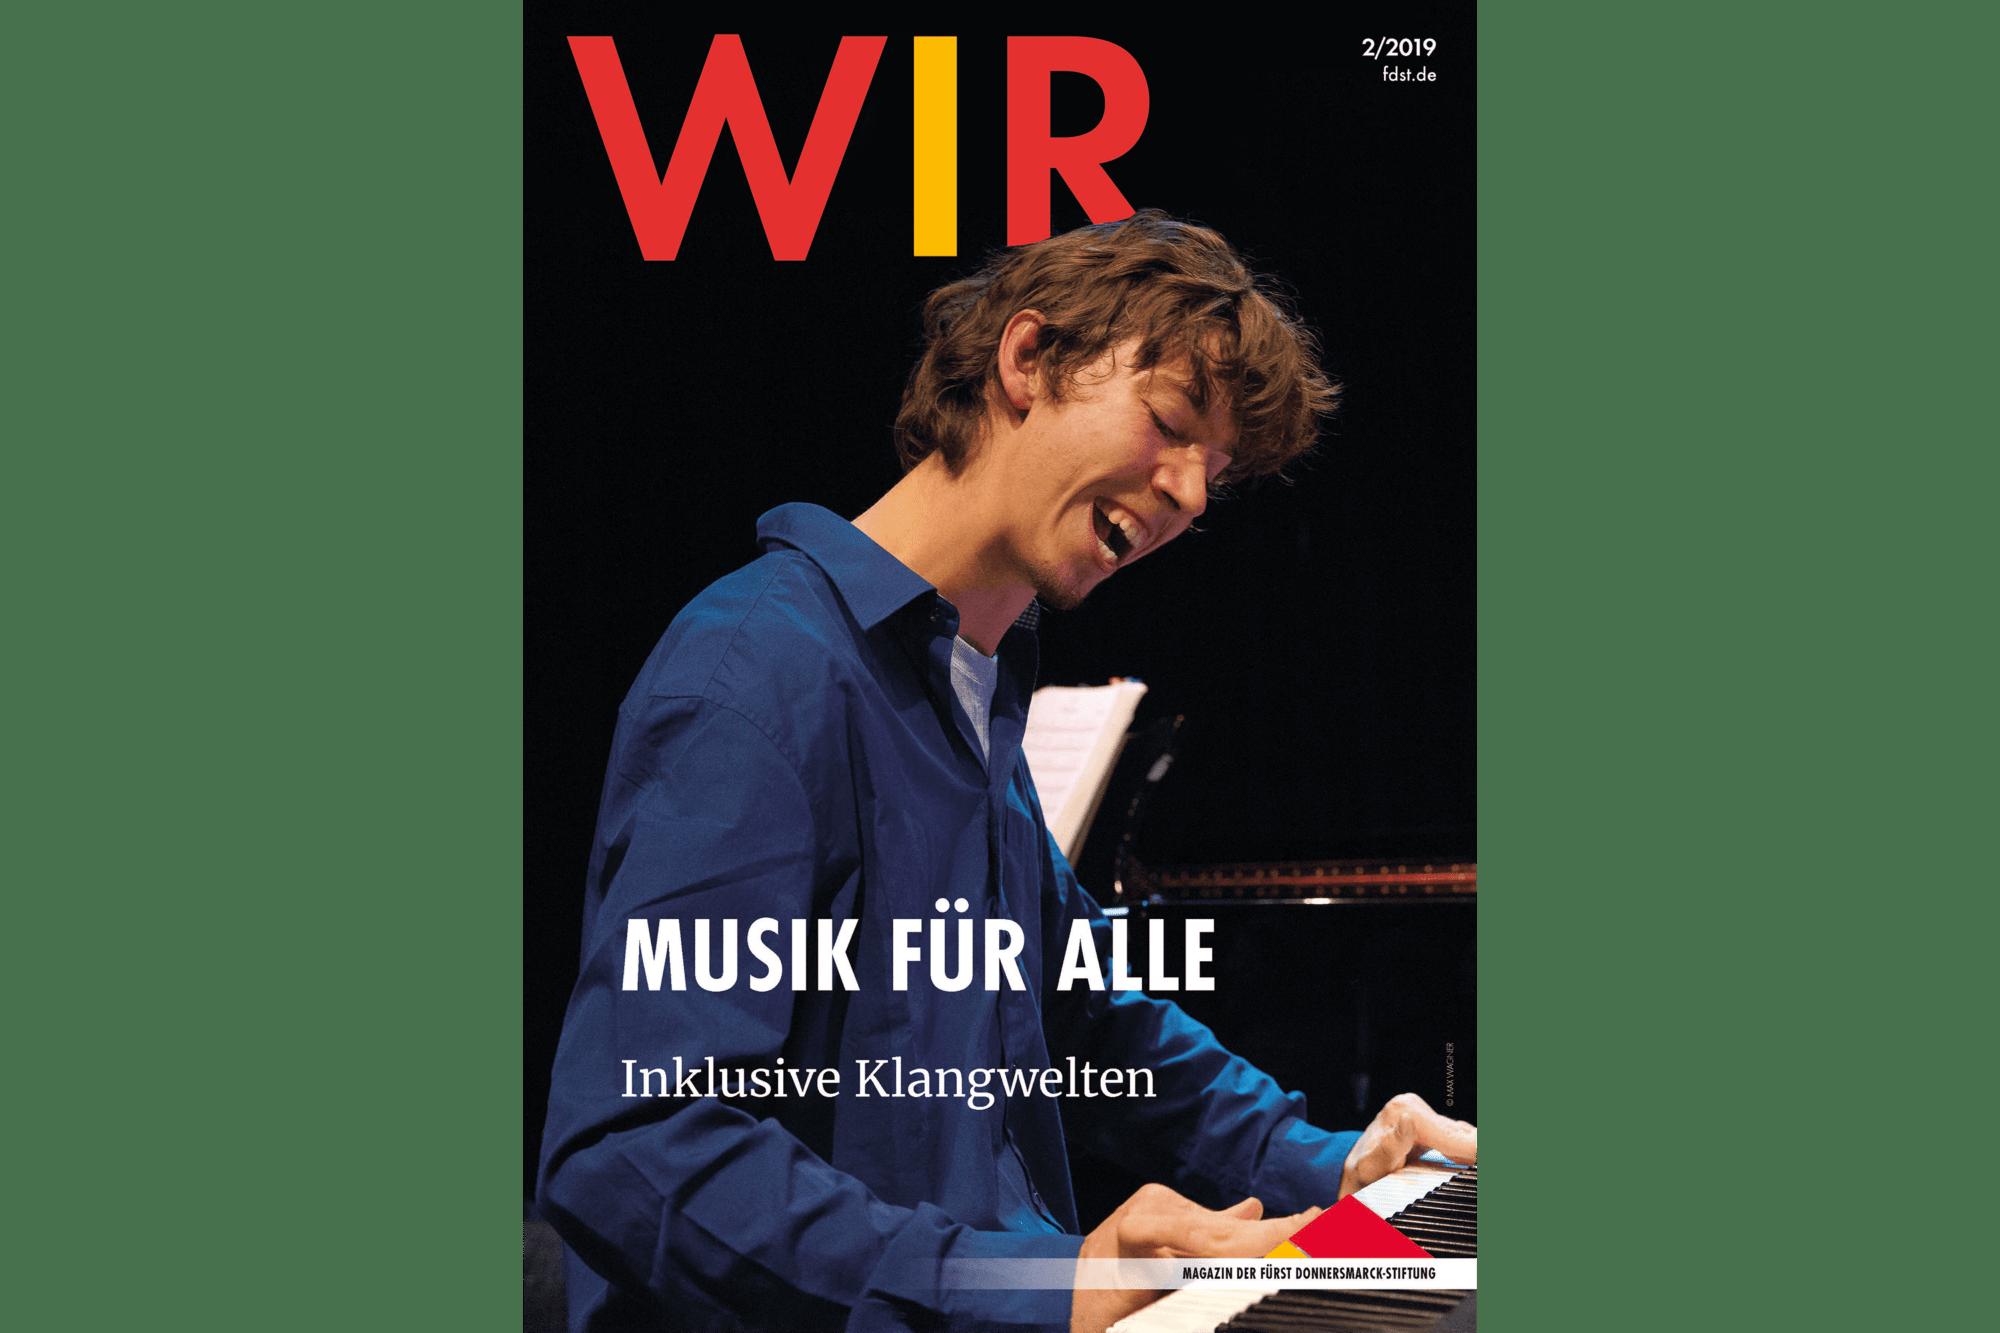 Das Titelblatt des WIR Magazins 2/2019